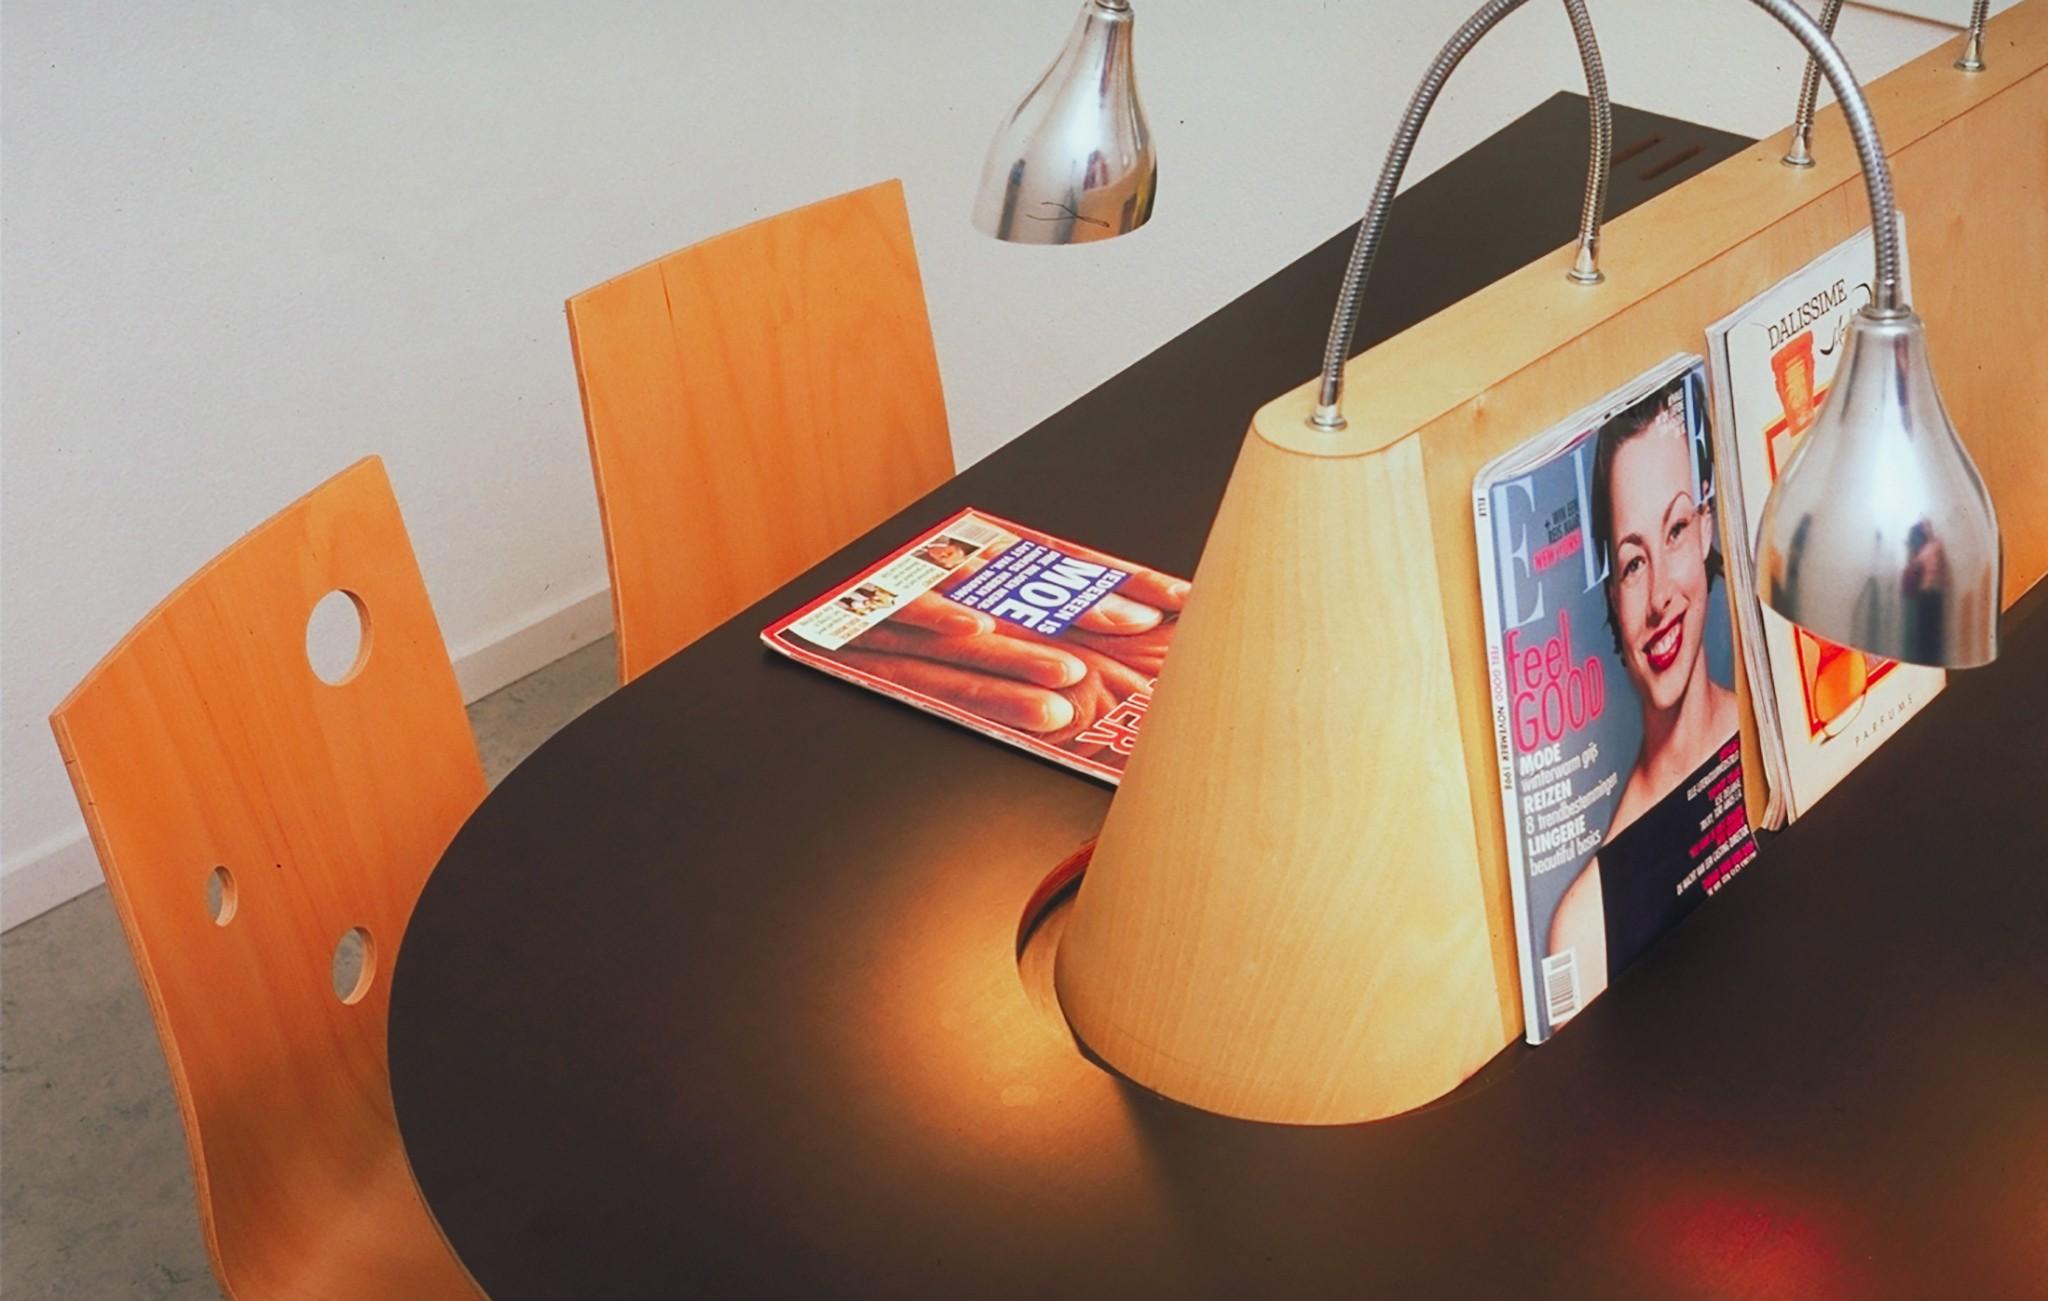 De Ontwerpwerkplaats, Gijs Niemeijer, Floor van Ditzhuyzen, Fem-stoel, fem-stoel, stoelontwerp, ontwerp stoel, van der plas meubel & project,